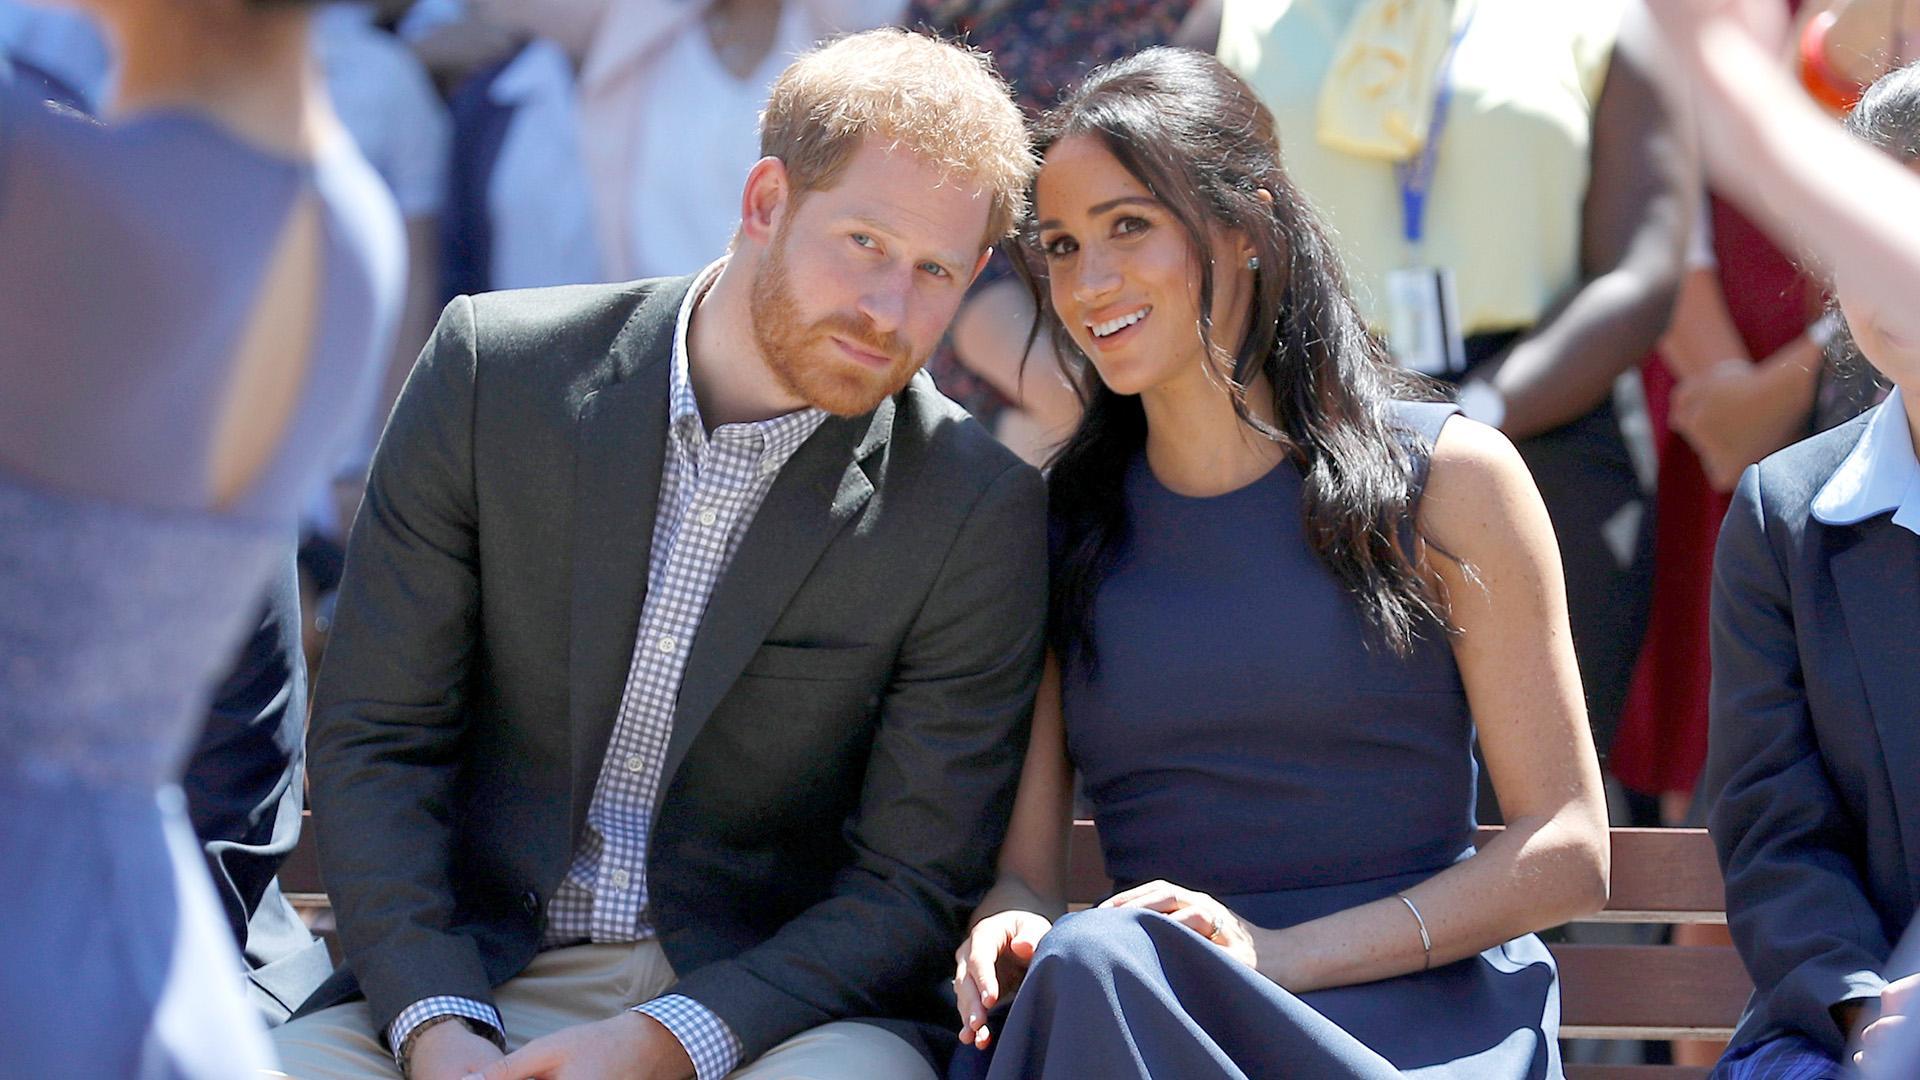 Стали известны первые подробности о книге Меган Маркл и принца Гарри про королевскую семью